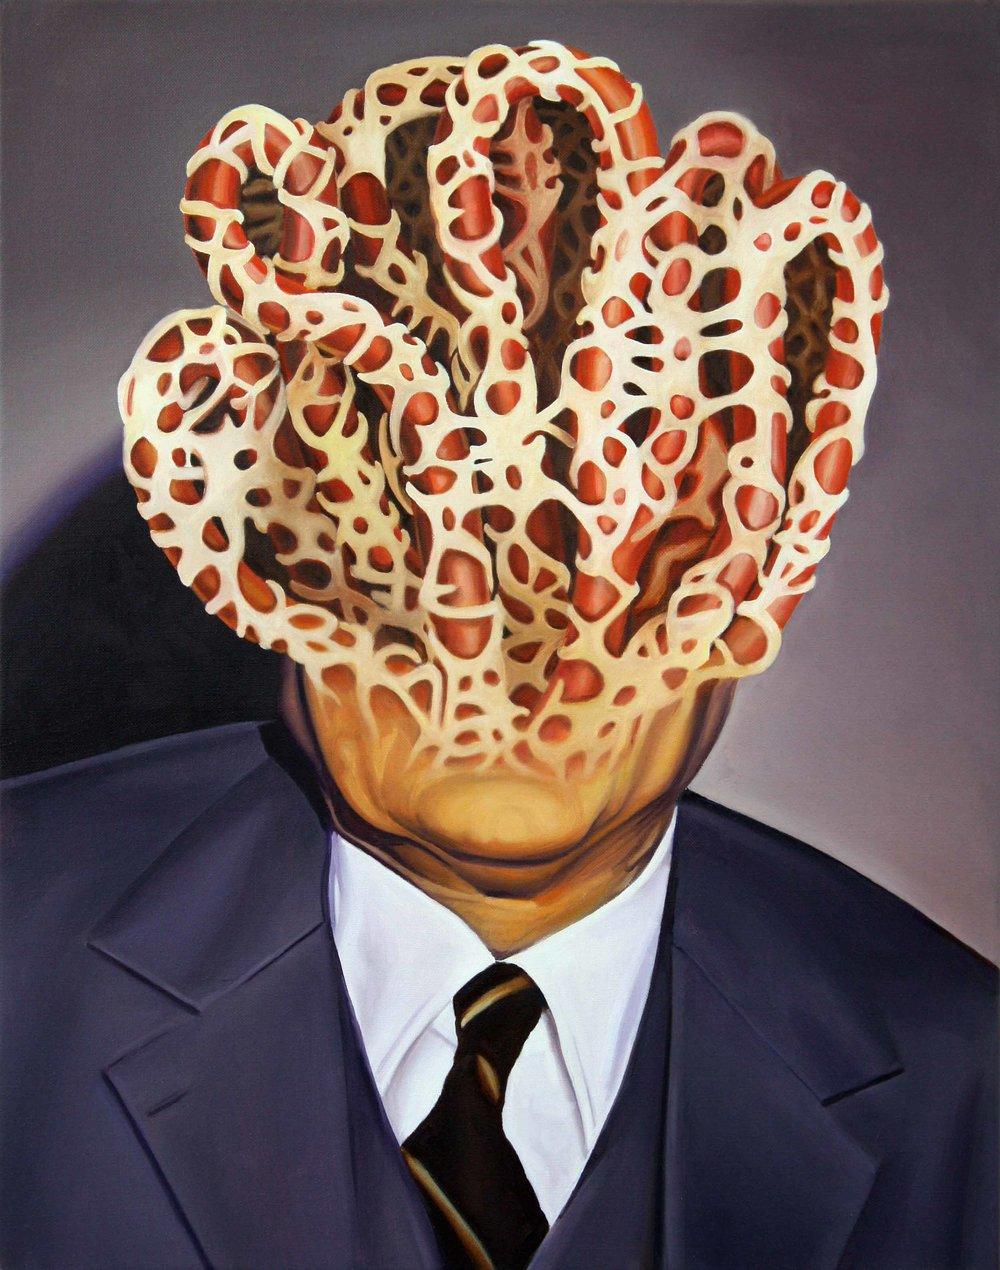 Nephron Man , 2014. Oil on canvas, 70 x 55 cm.